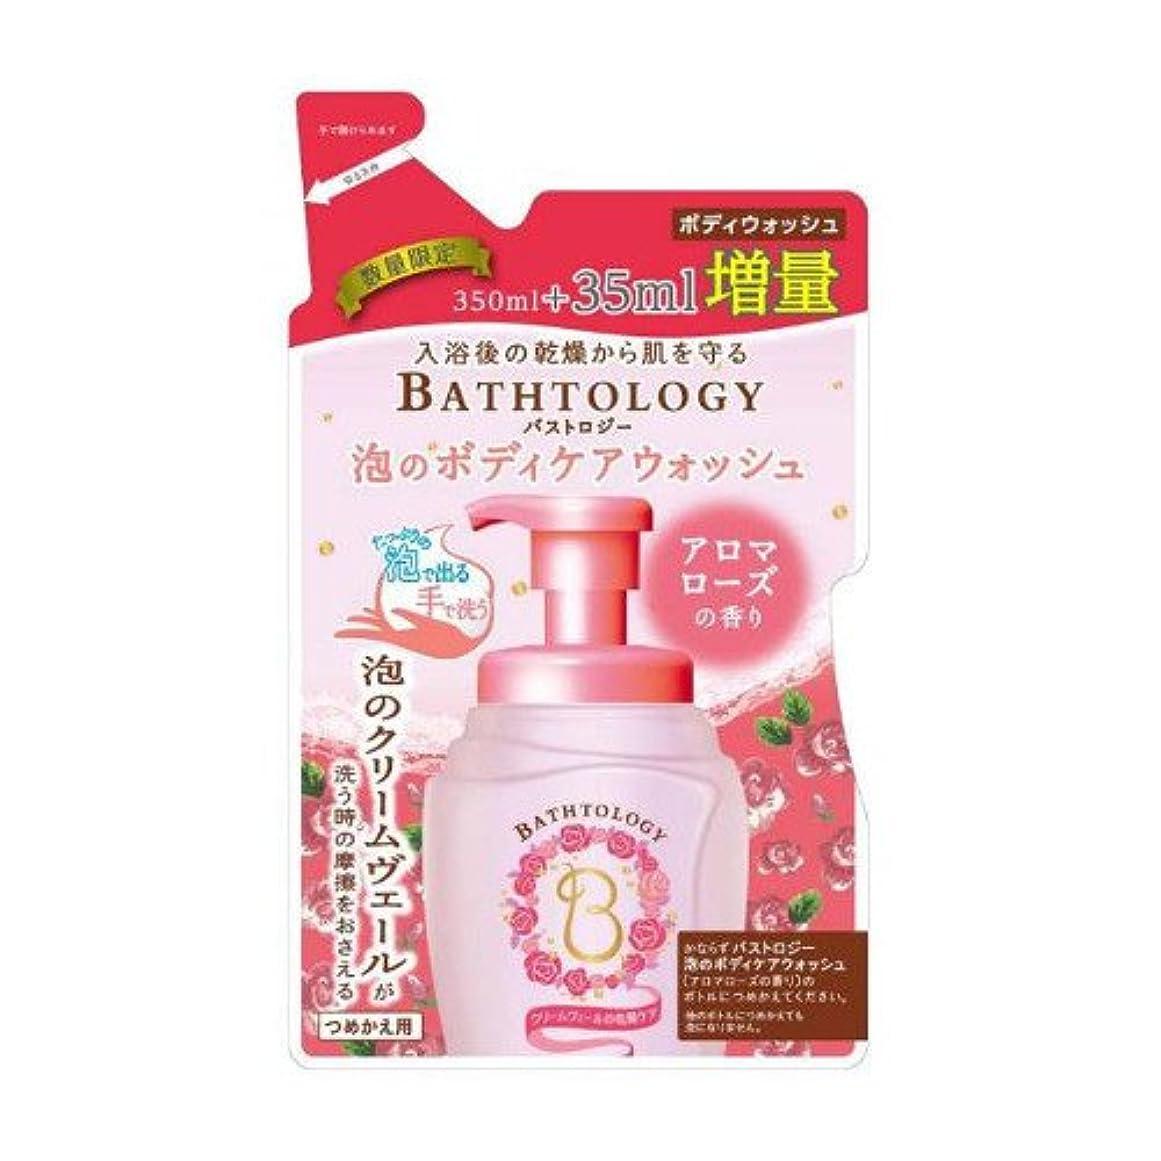 感染するパワーセルリスクBATHTOLOGY(バストロジー) 泡のボディケアウォッシュ アロマローズの香り 詰替